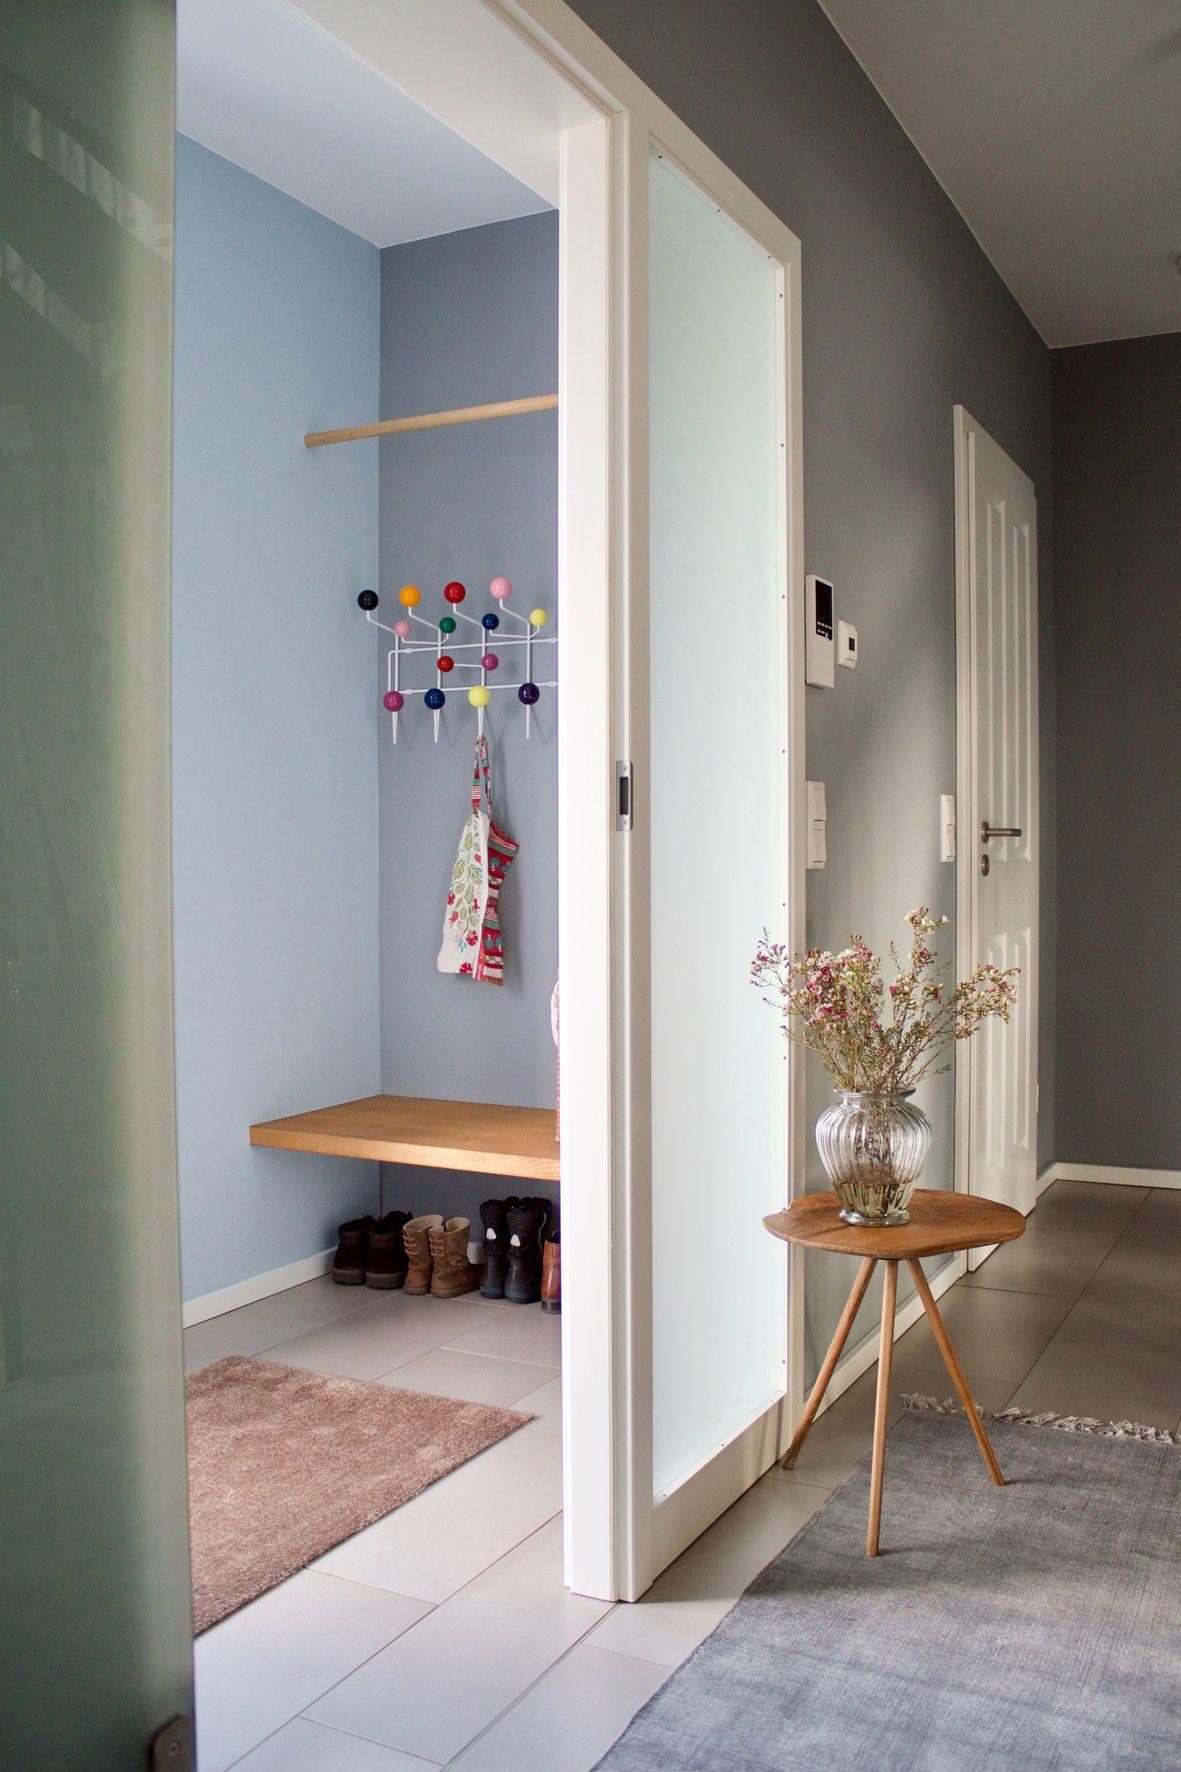 Wandfarbe Blau wandfarbe blau und petrol die besten ideen für blautöne